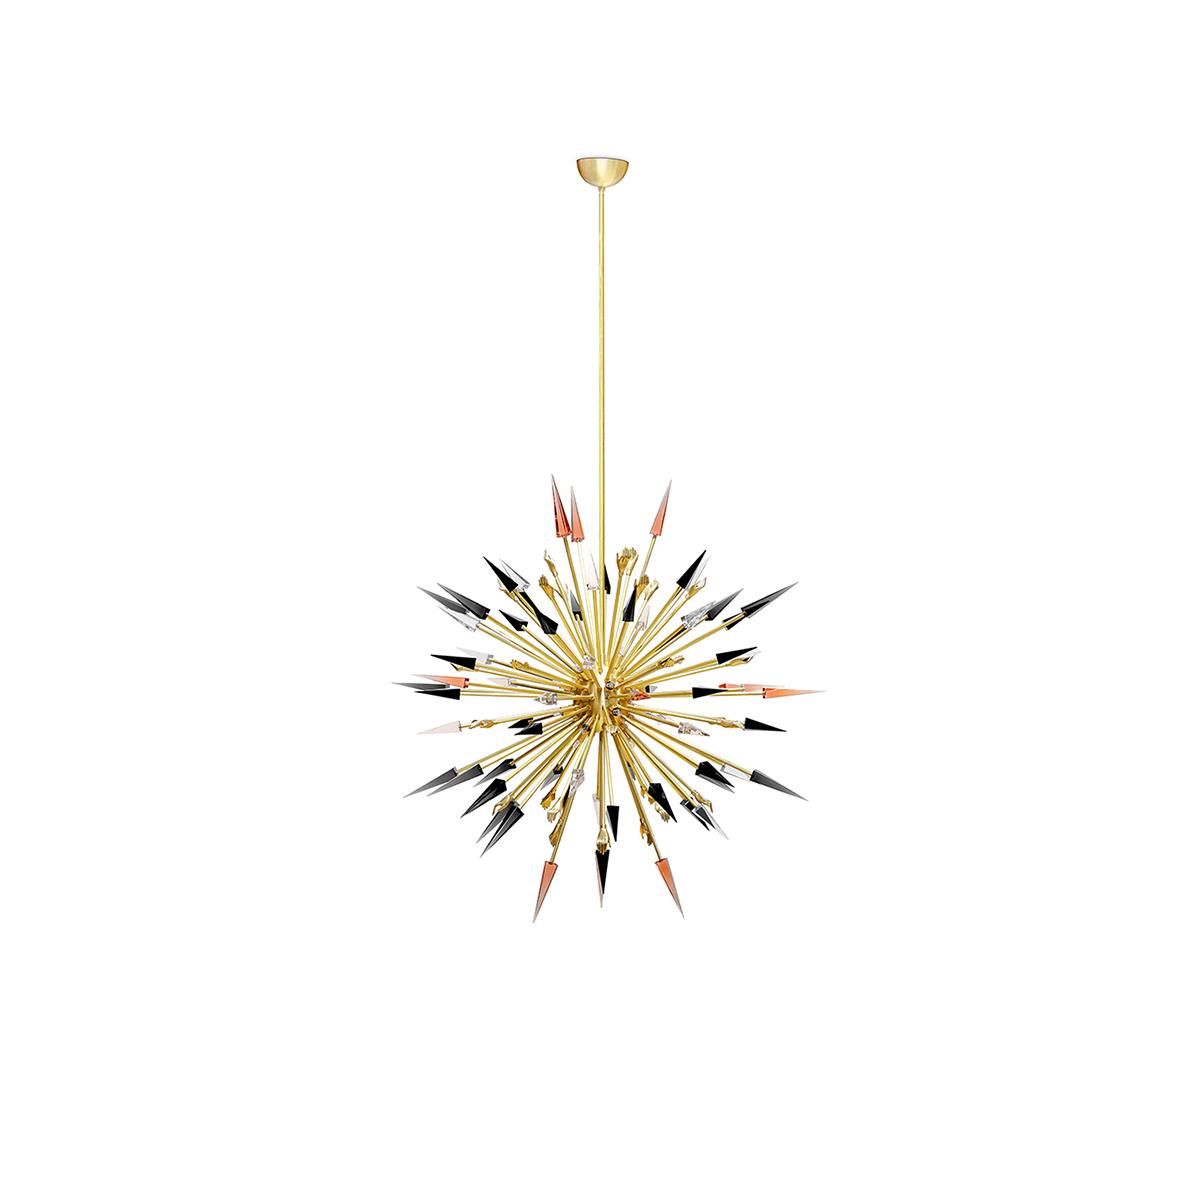 Outburst Suspension Lamp by Koket Covet Lighting